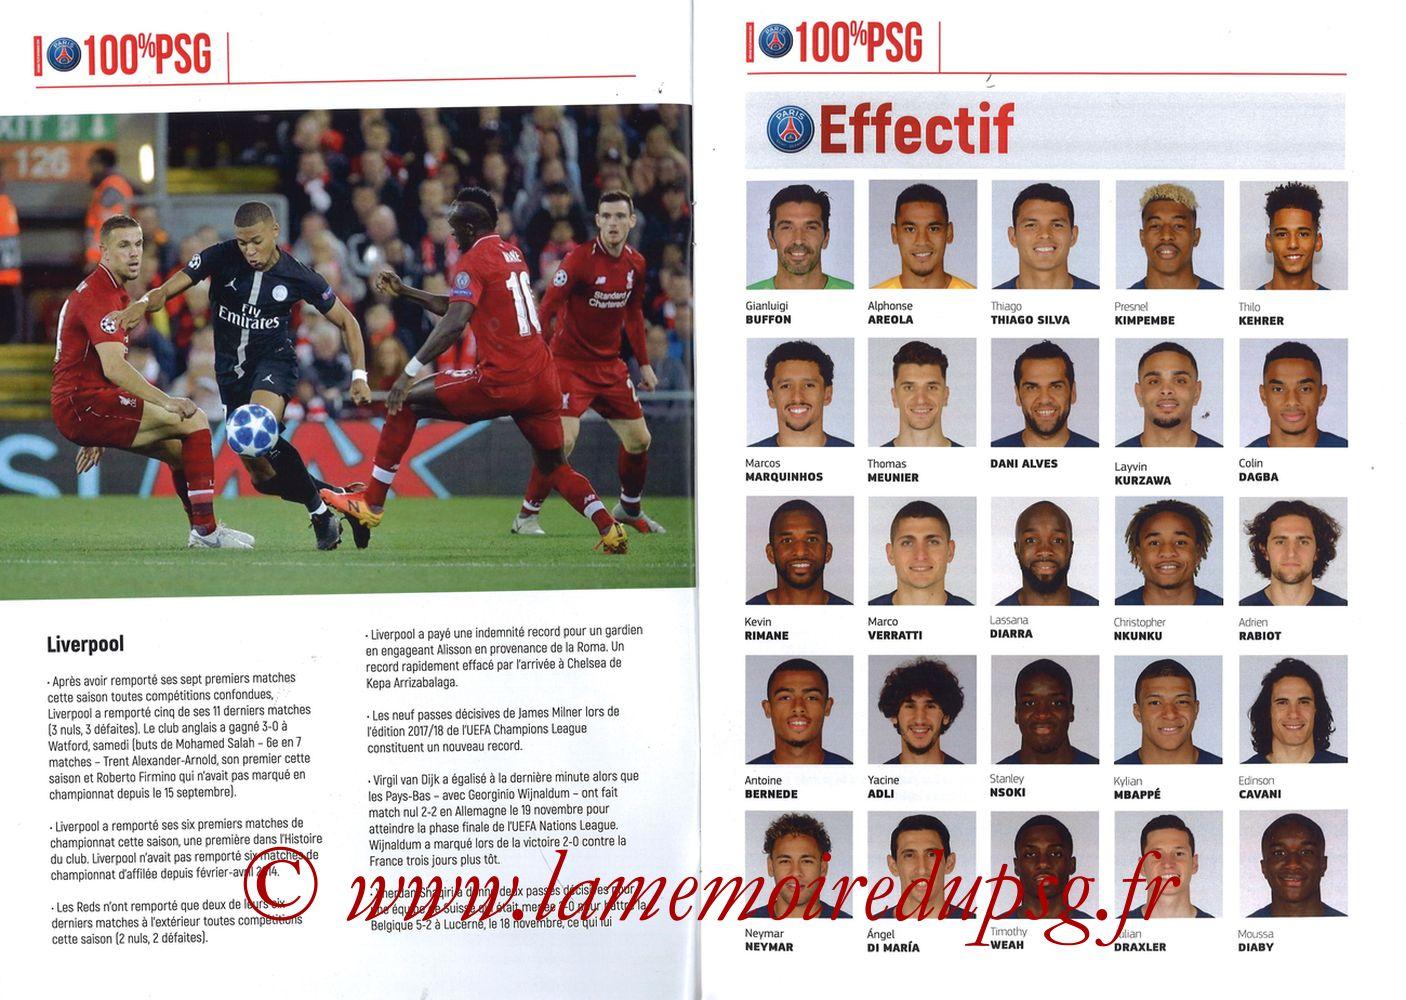 2018-11-28  PSG-Liverpool (5ème Poule C1, 100% PSG N° 172) - Pages 08 et 09